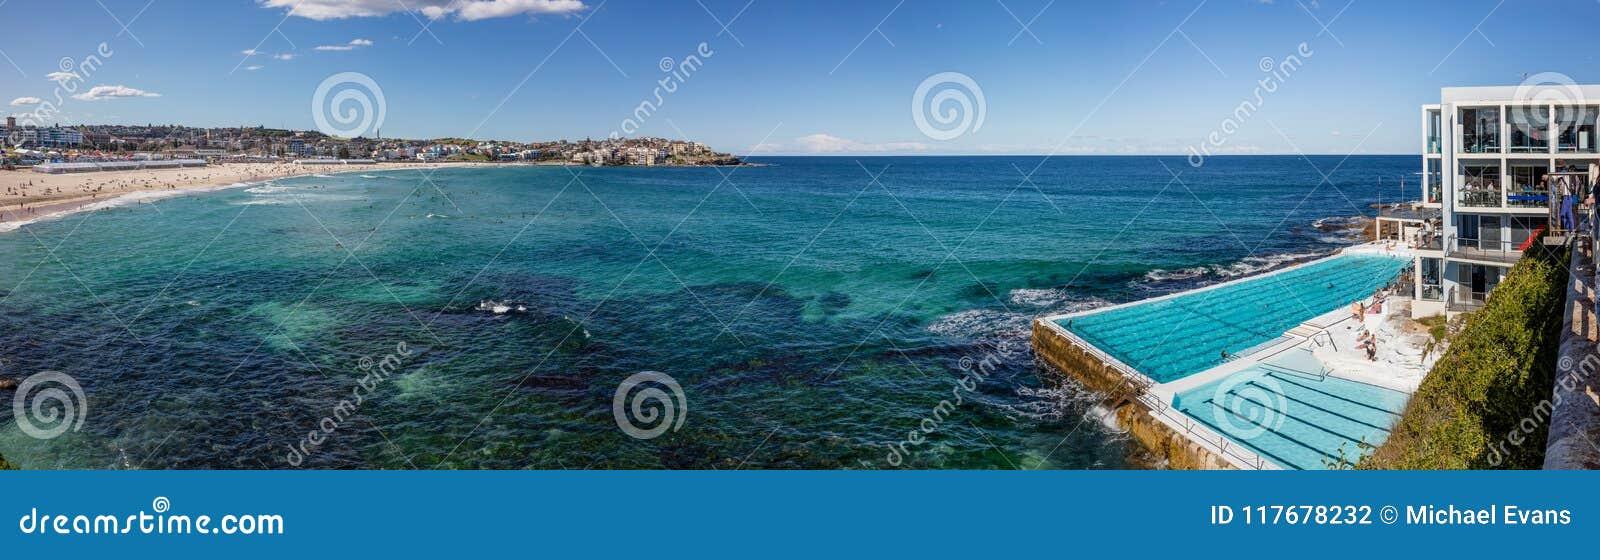 Pływacki basen przegapia Bondi plażę w Sydney, NSW, Australia